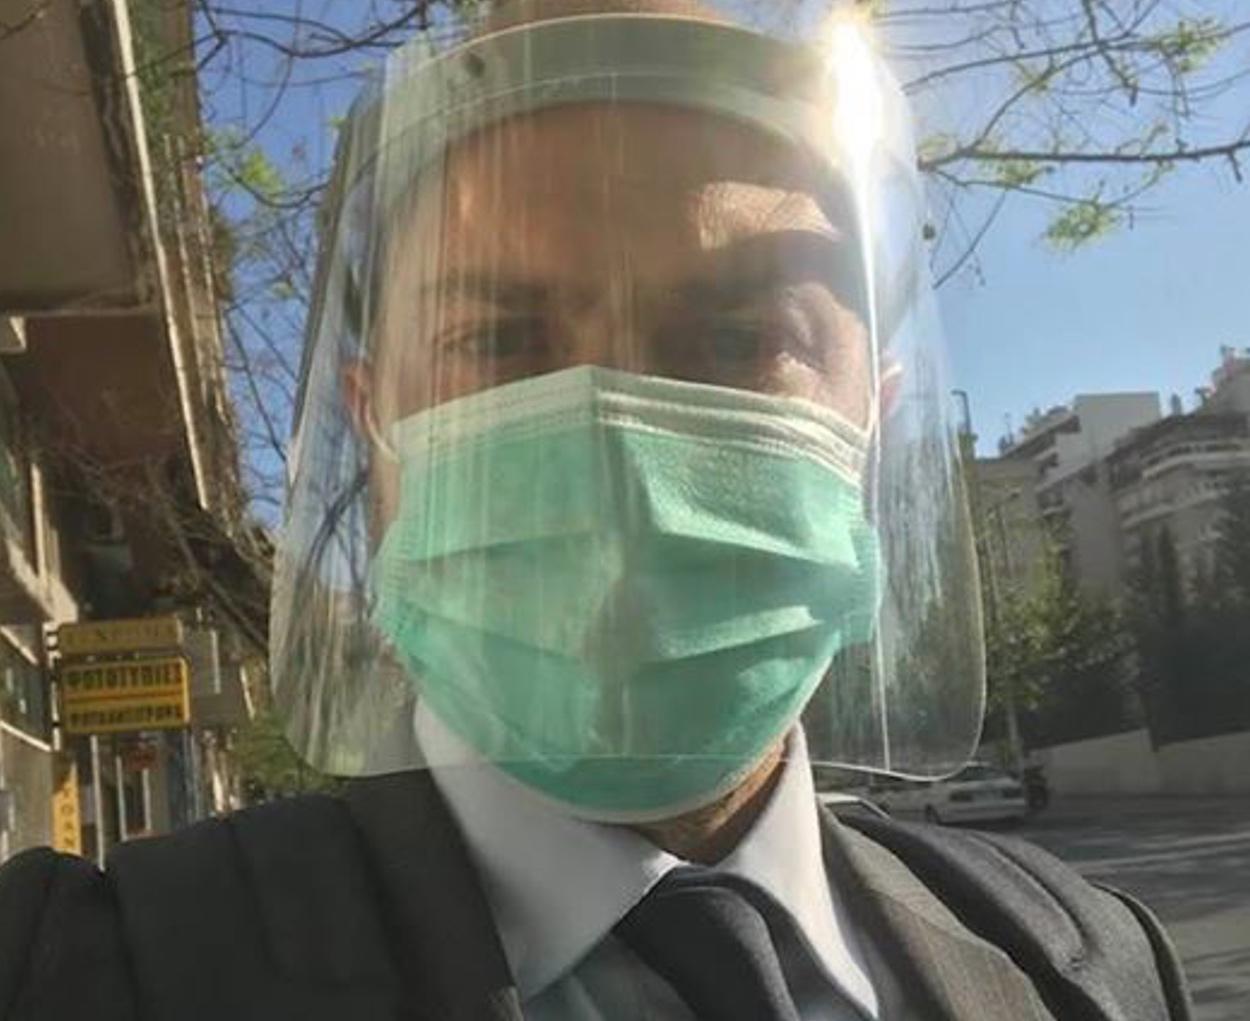 Με ειδικό υαλόφρακτο και μάσκα σήμερα στο Εφετείο γνωστός δικηγόρος